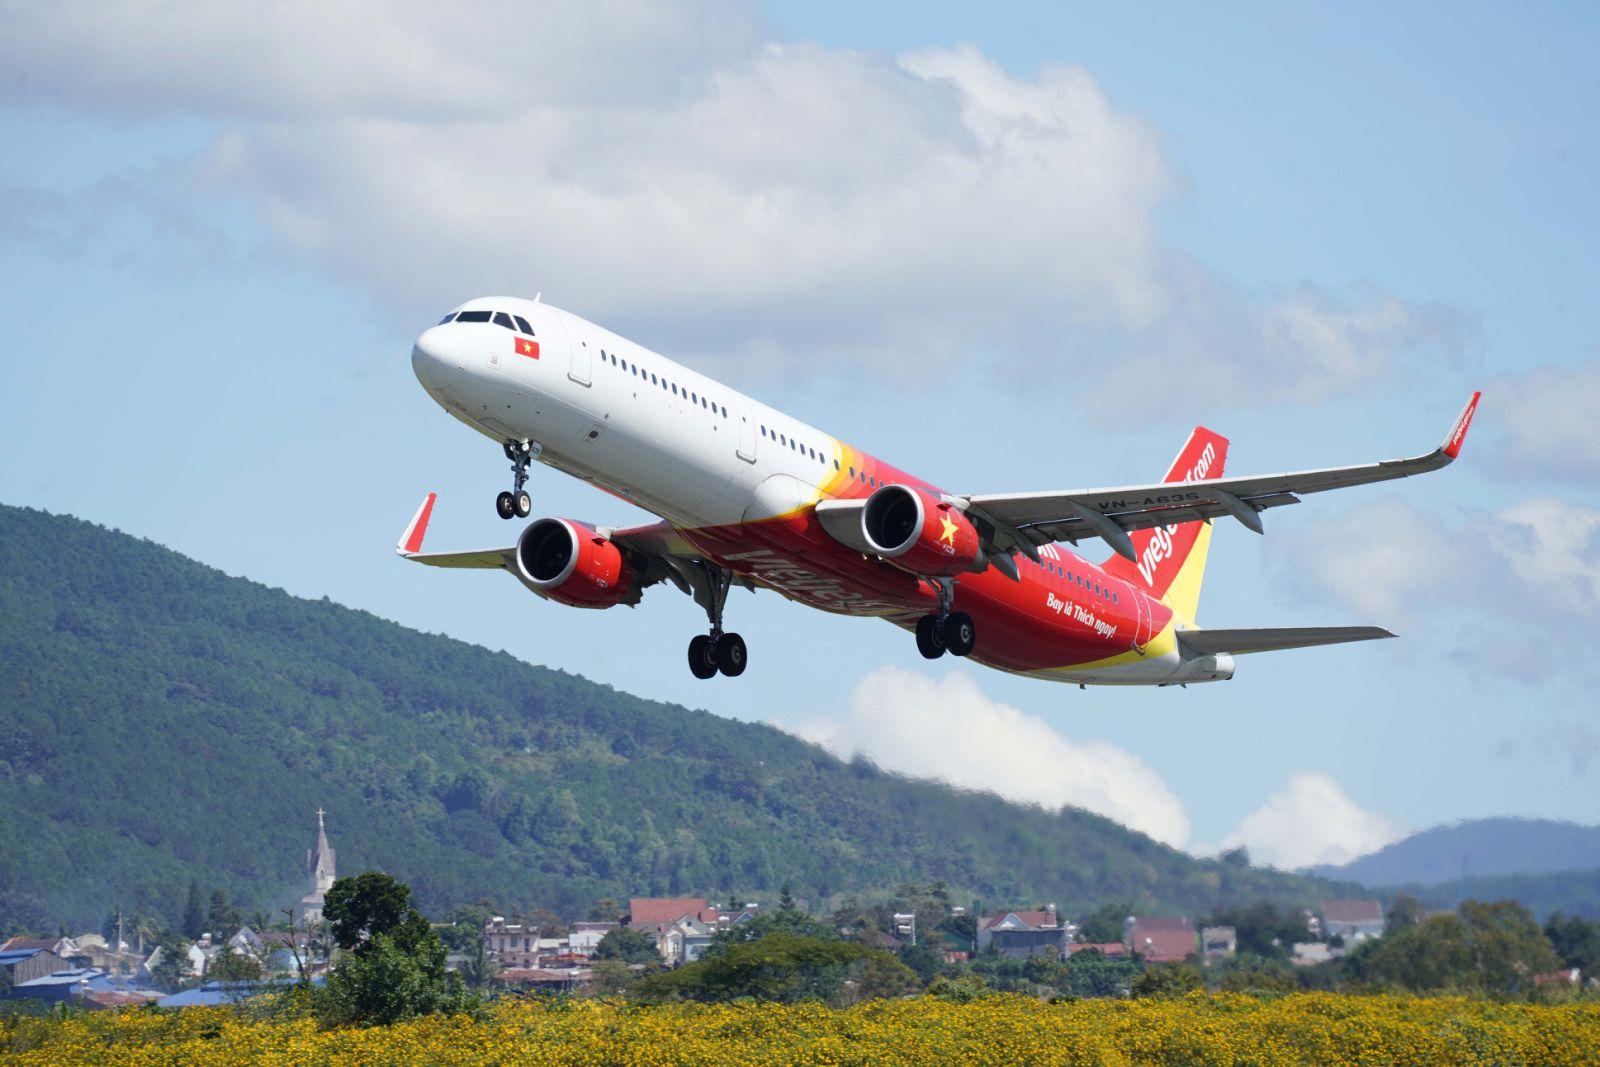 Vietjet kỳ vọng IATA Travel Pass là một trong những giải pháp nâng cao trải nghiệm cho hành khách, hướng đến nối lại các chuyến bay quốc tế.